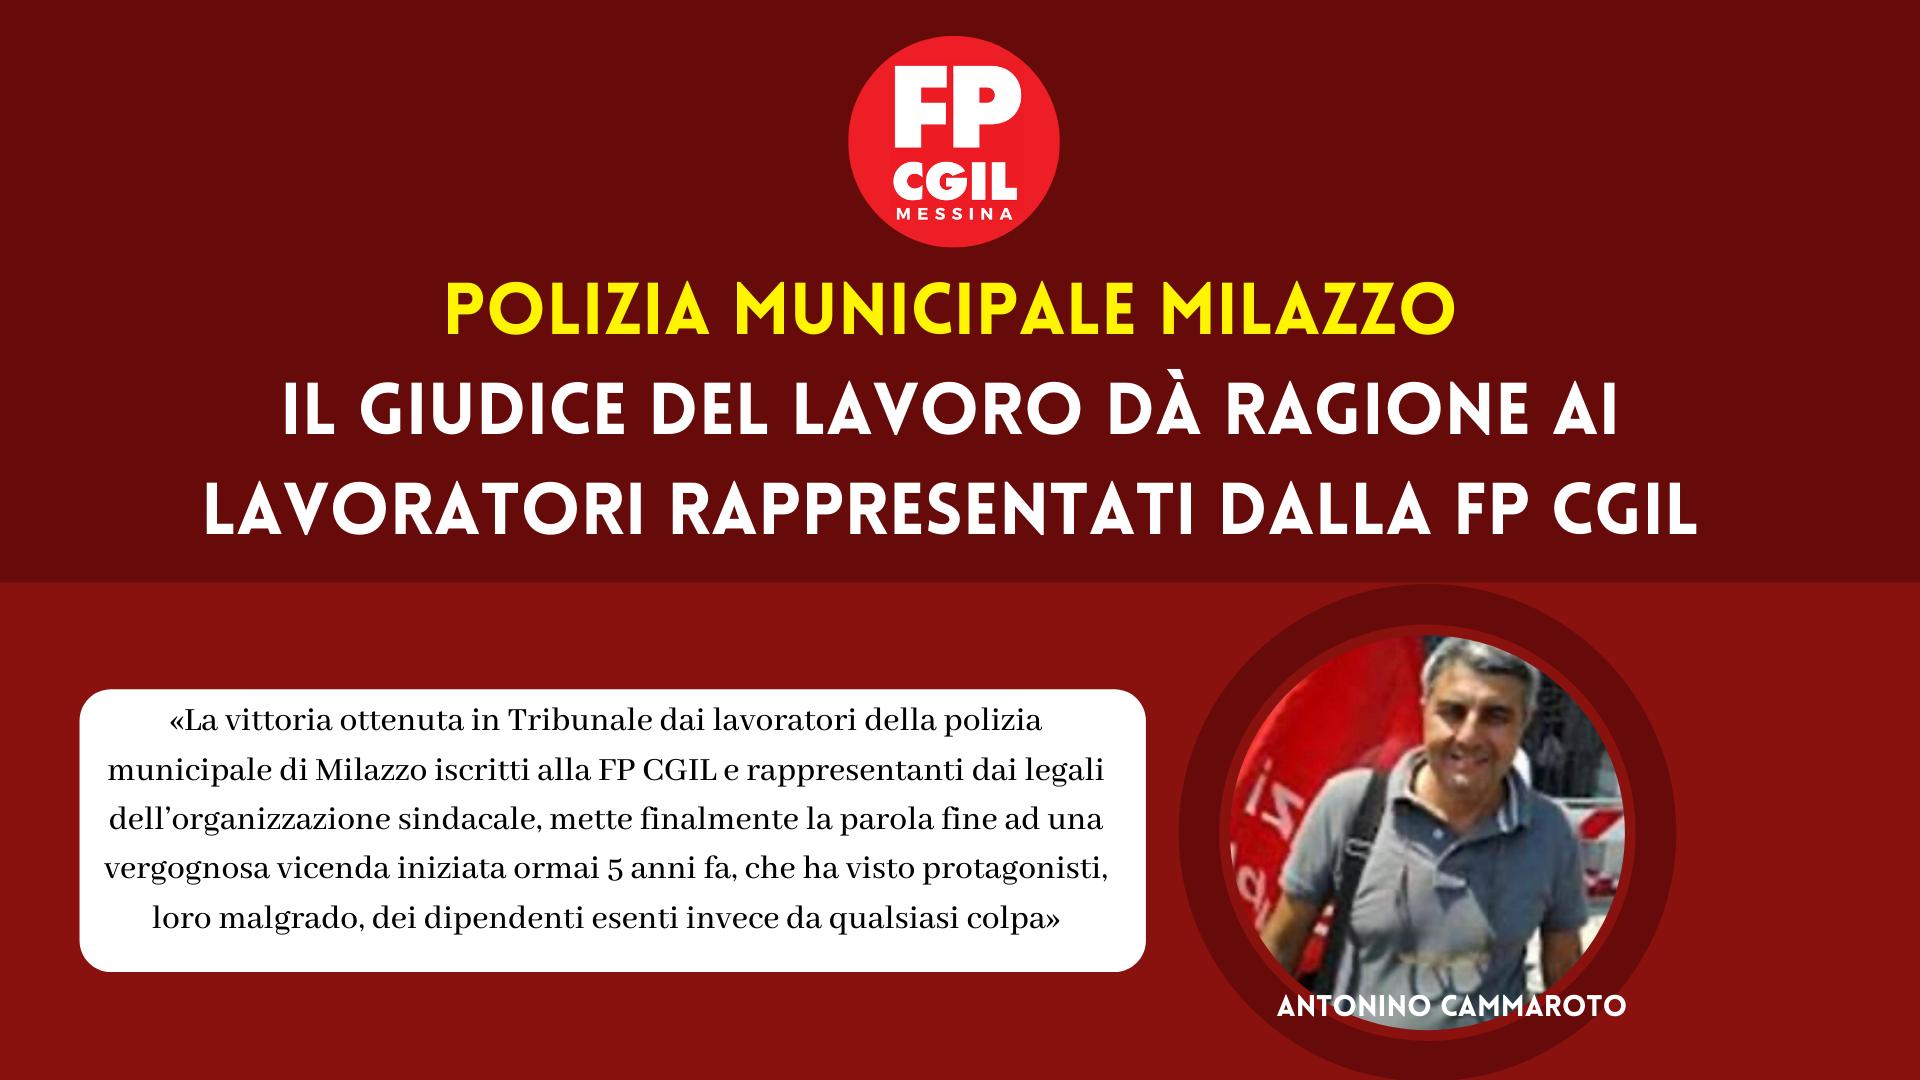 Polizia Municipale Milazzo, il Giudice del lavoro dà ragione ai lavoratori rappresentati dalla FP CGIL